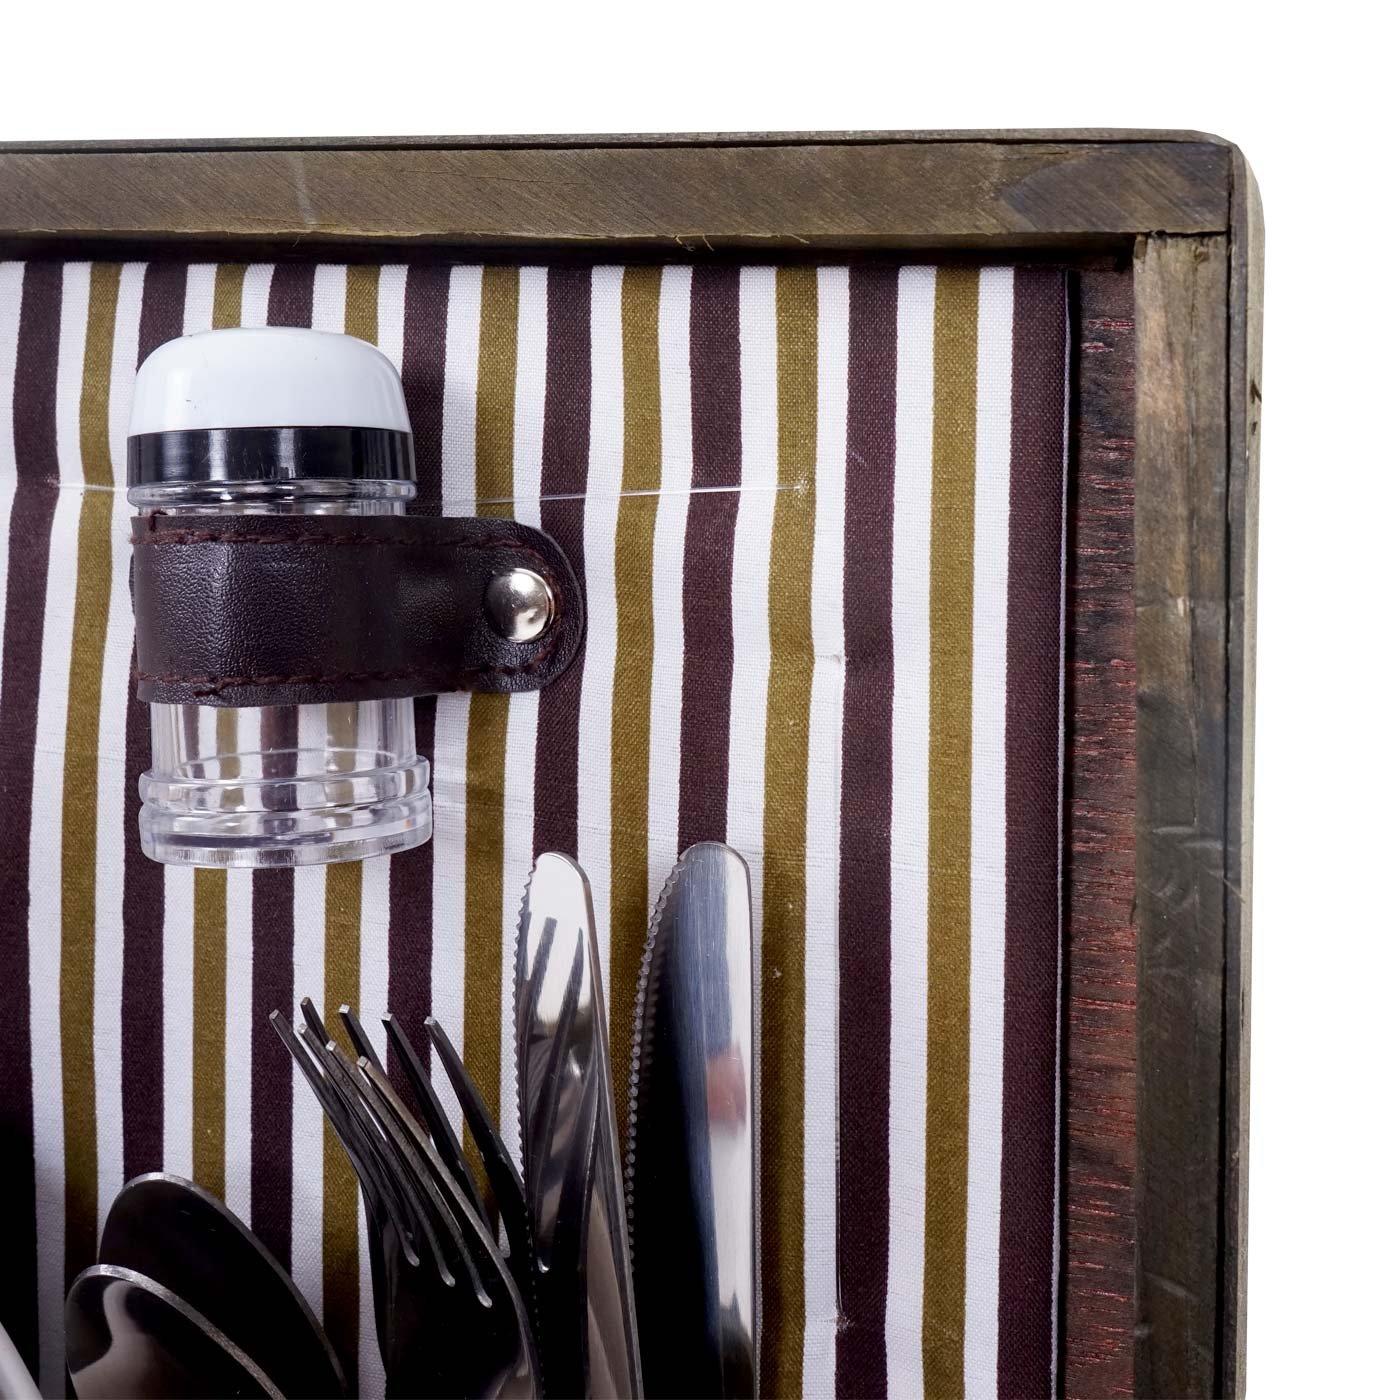 Mendler Picknickkorb-Set für 4 Personen, Picknicktasche Weiden-Korb, Porzellan Porzellan Porzellan Glas Edelstahl, braun-weiß B01N20ZIY4   Elegantes Aussehen  24258d